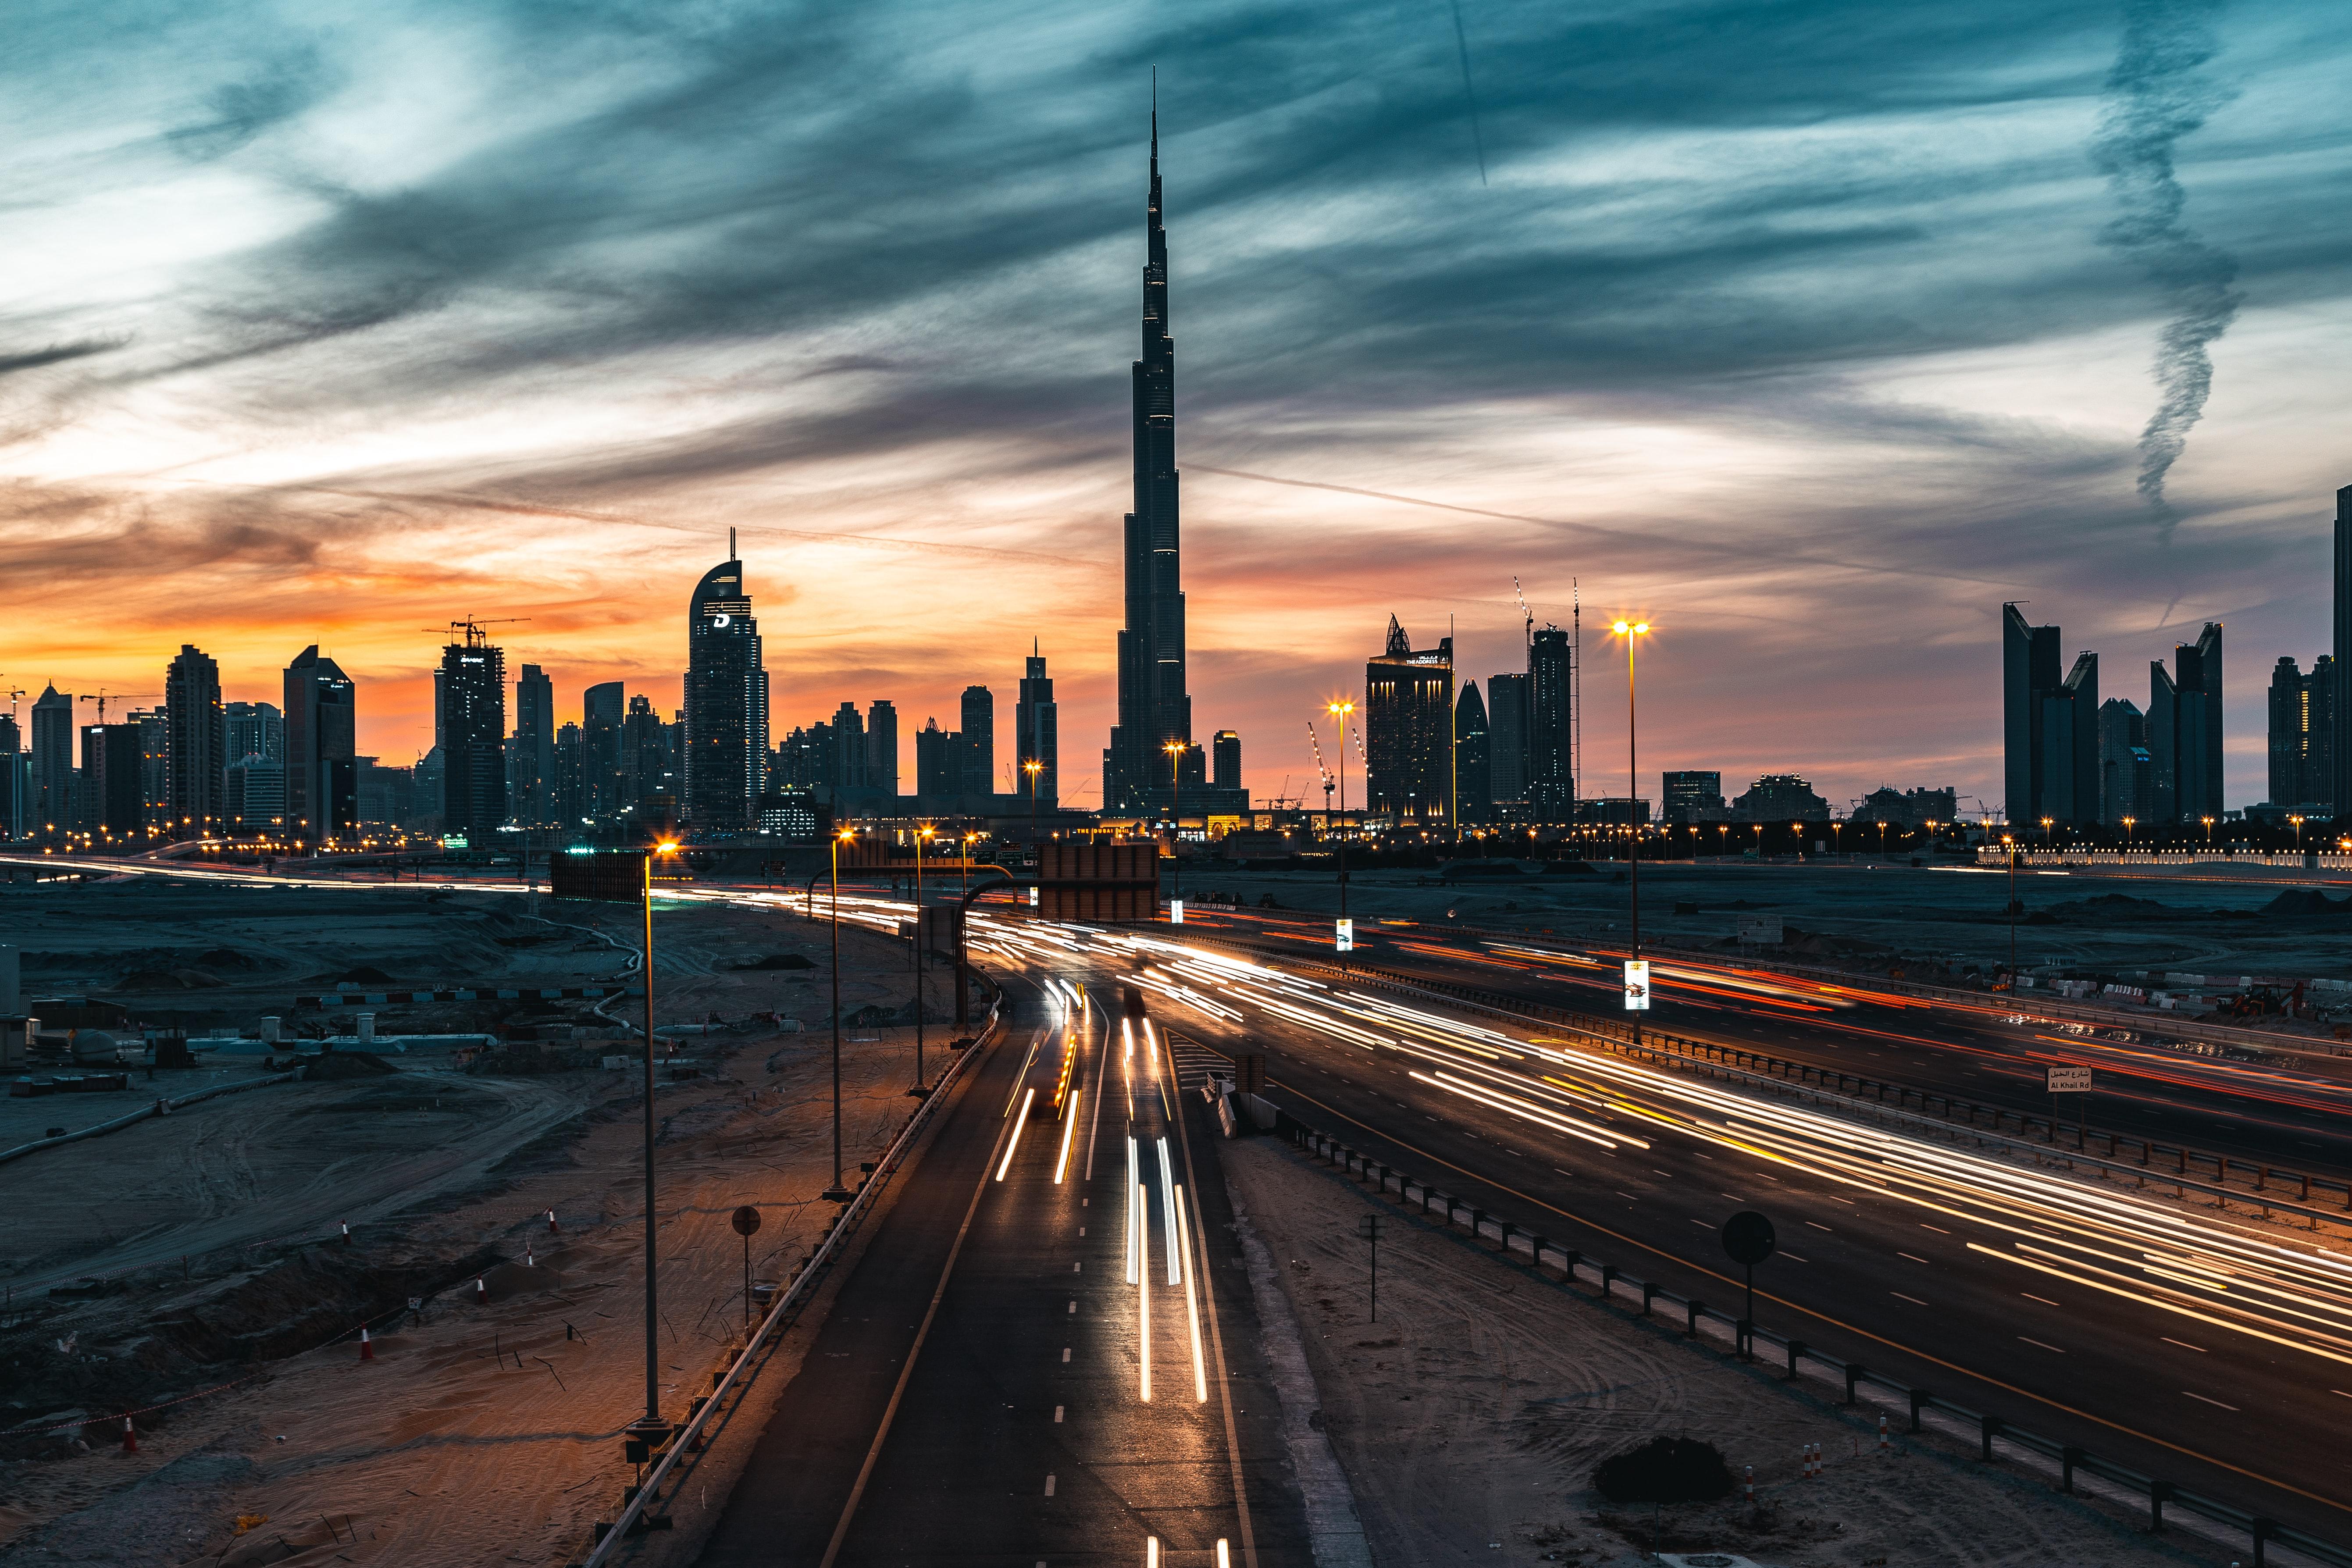 Dubai From Delhi Through Roads